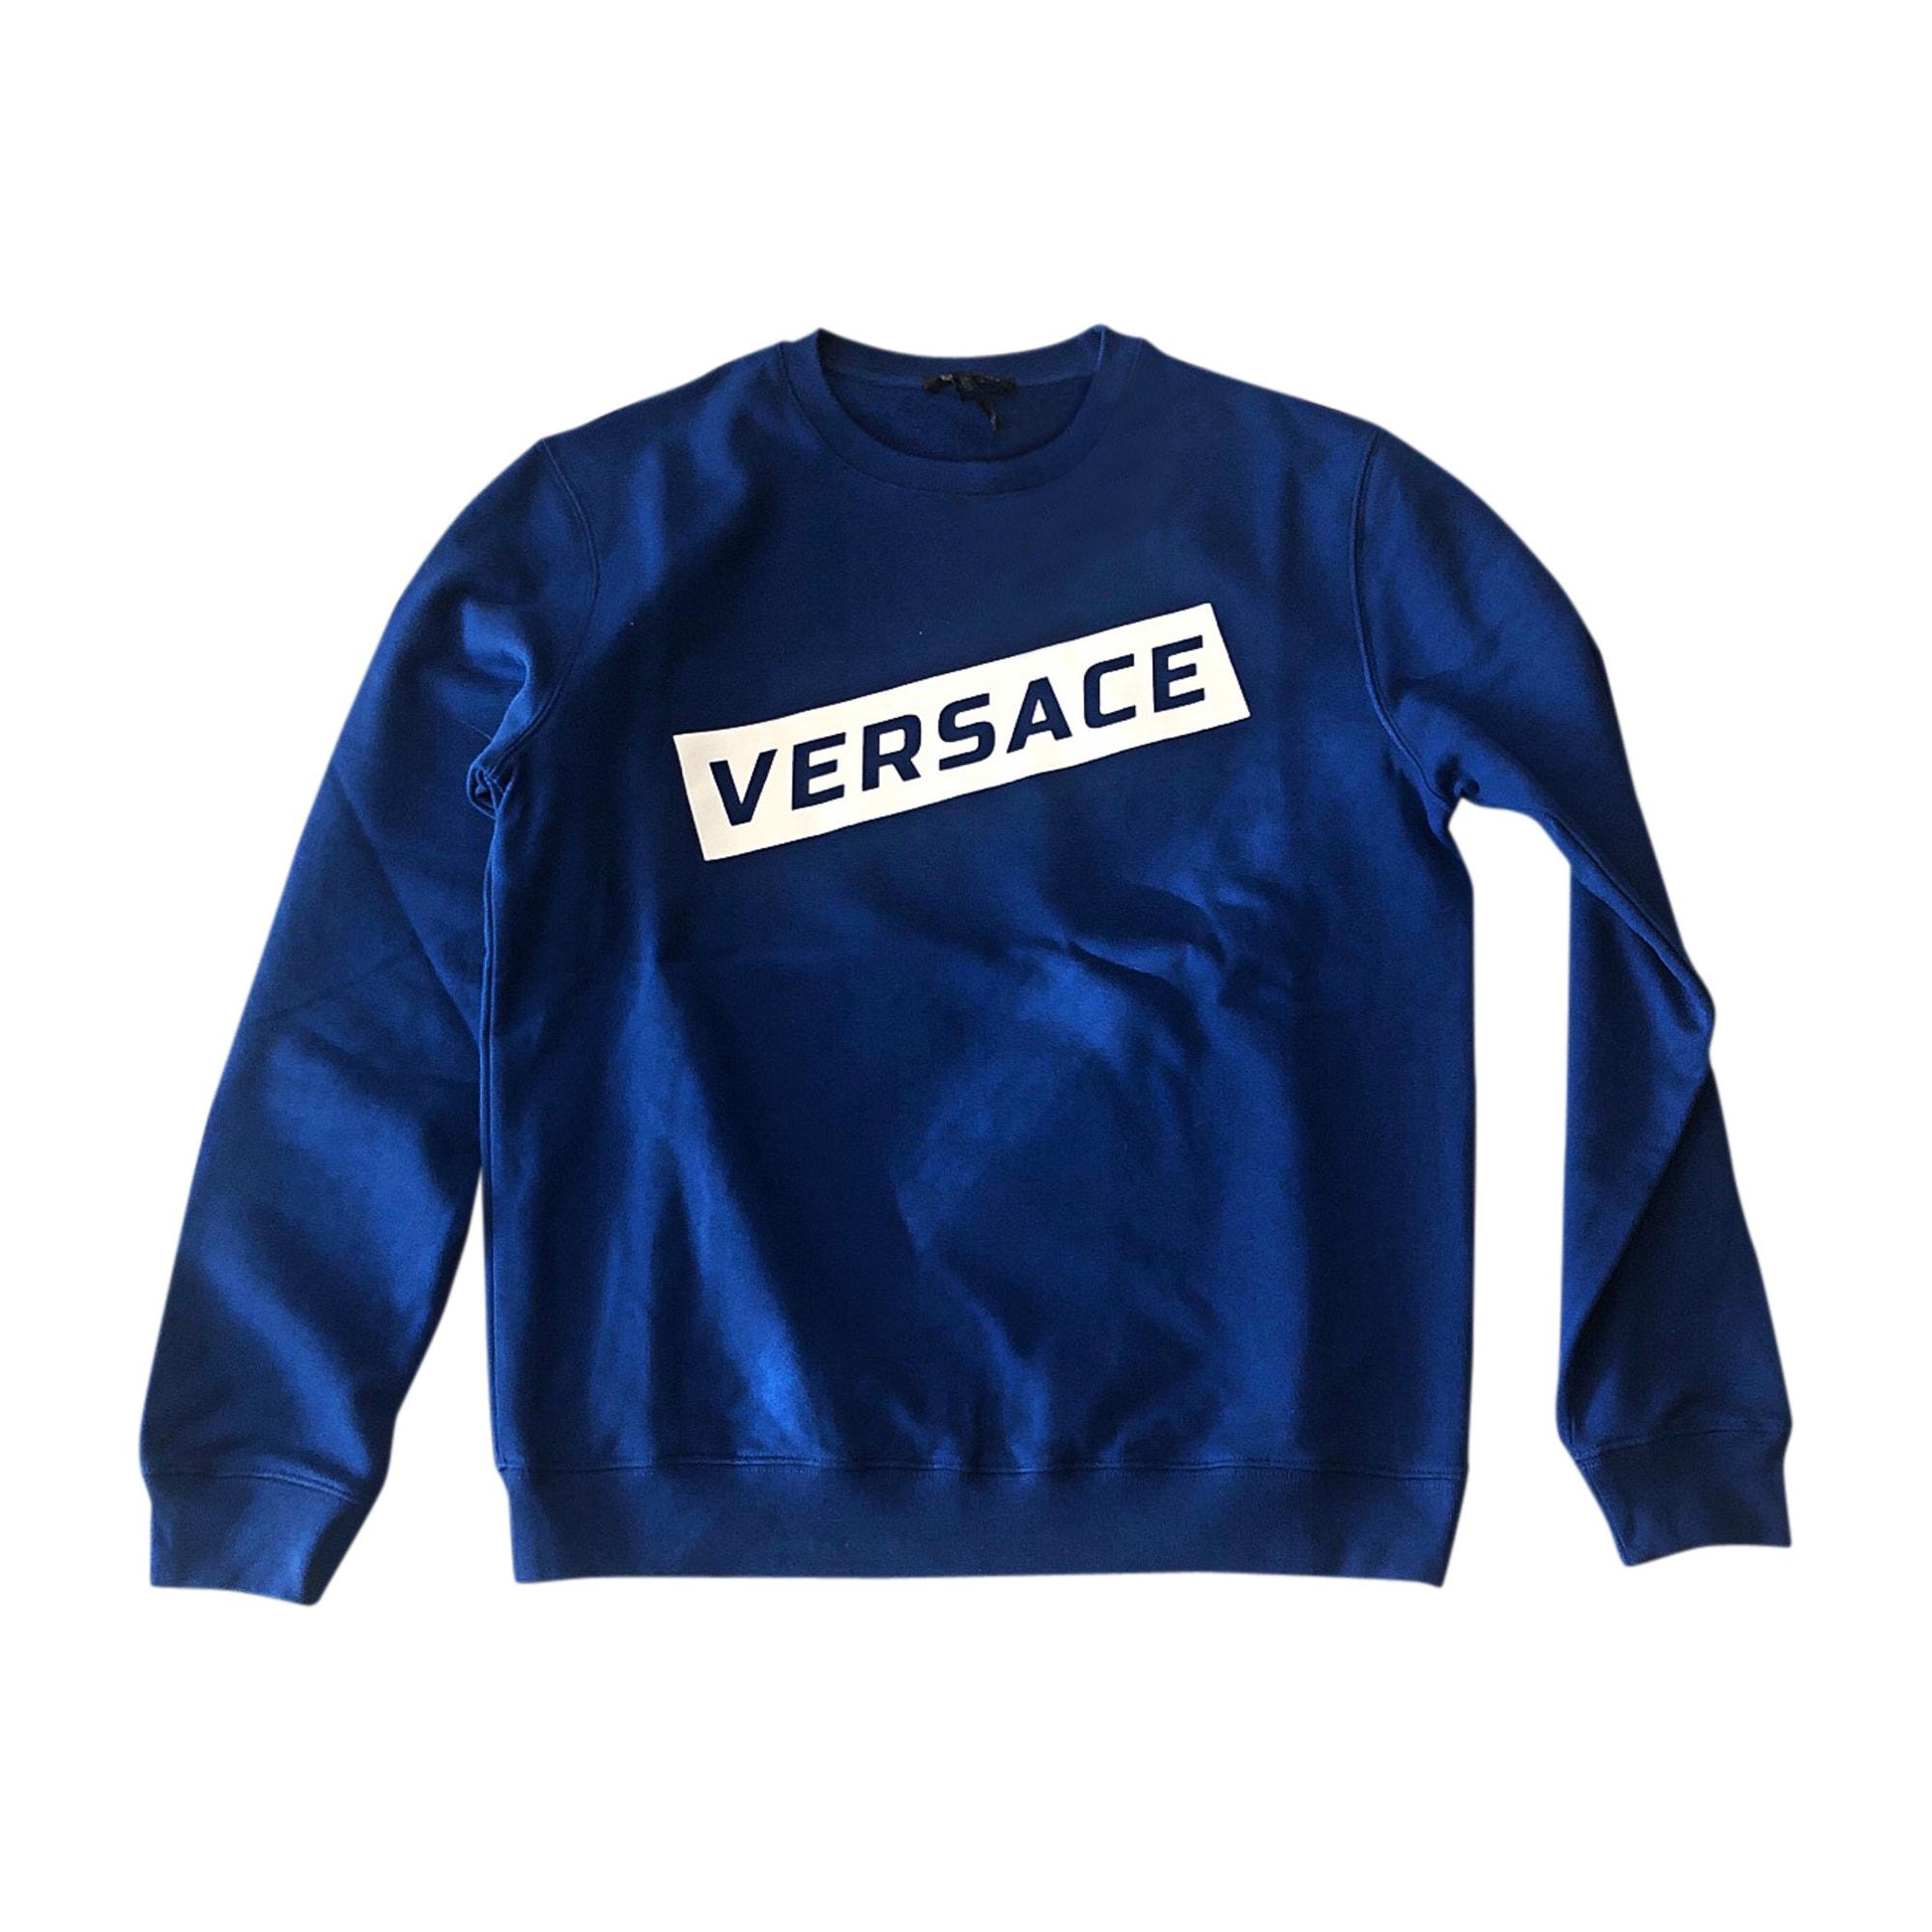 Felpa VERSACE Blu, blu navy, turchese